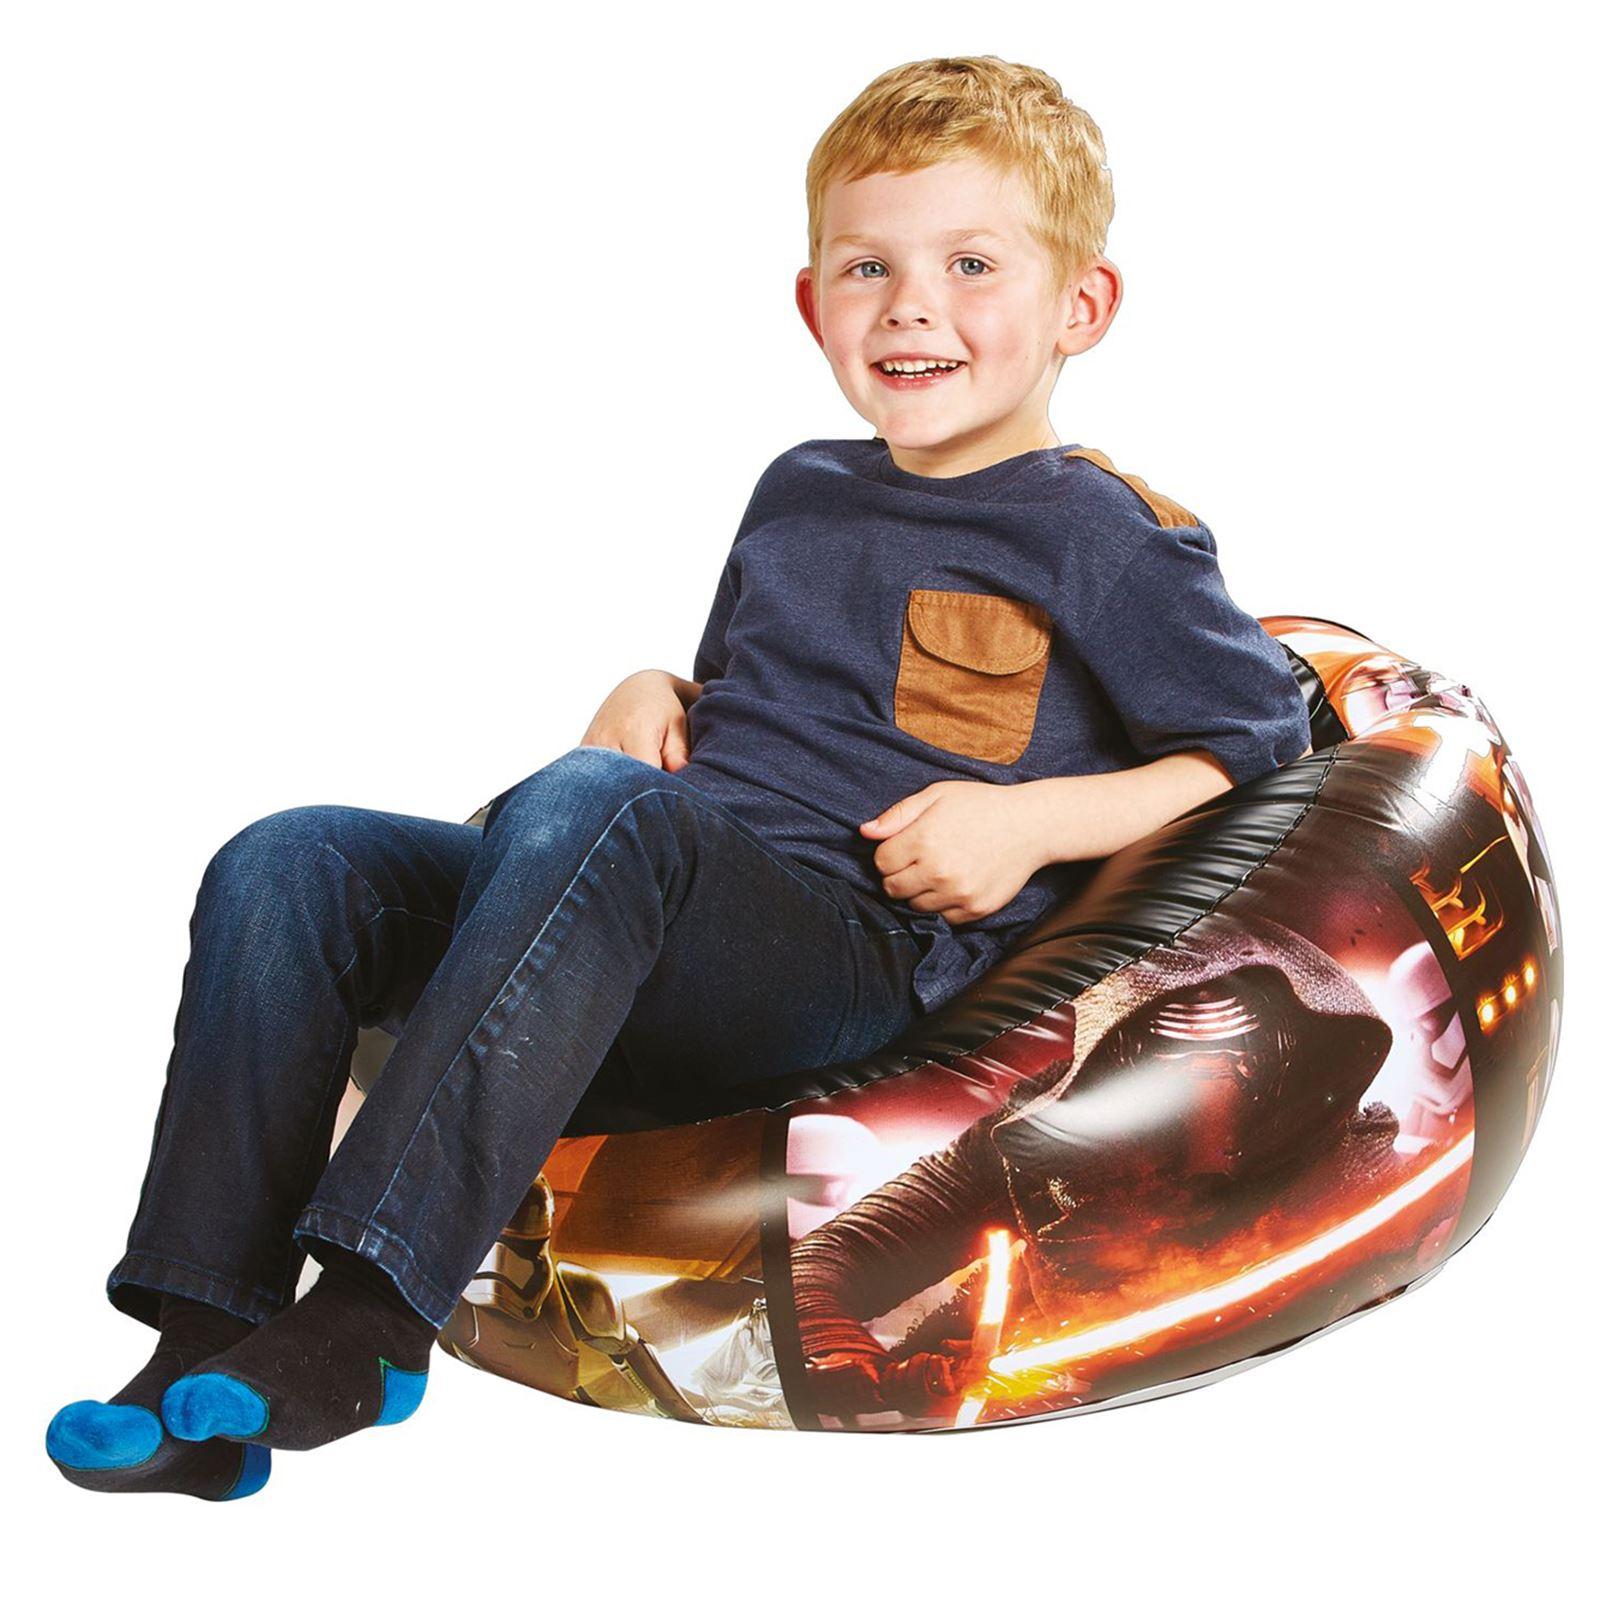 Indexbild 21 - Kinder Aufblasbarer Sessel - PAW PATROL, My LIttle Pony, Star Wars, Toy Story